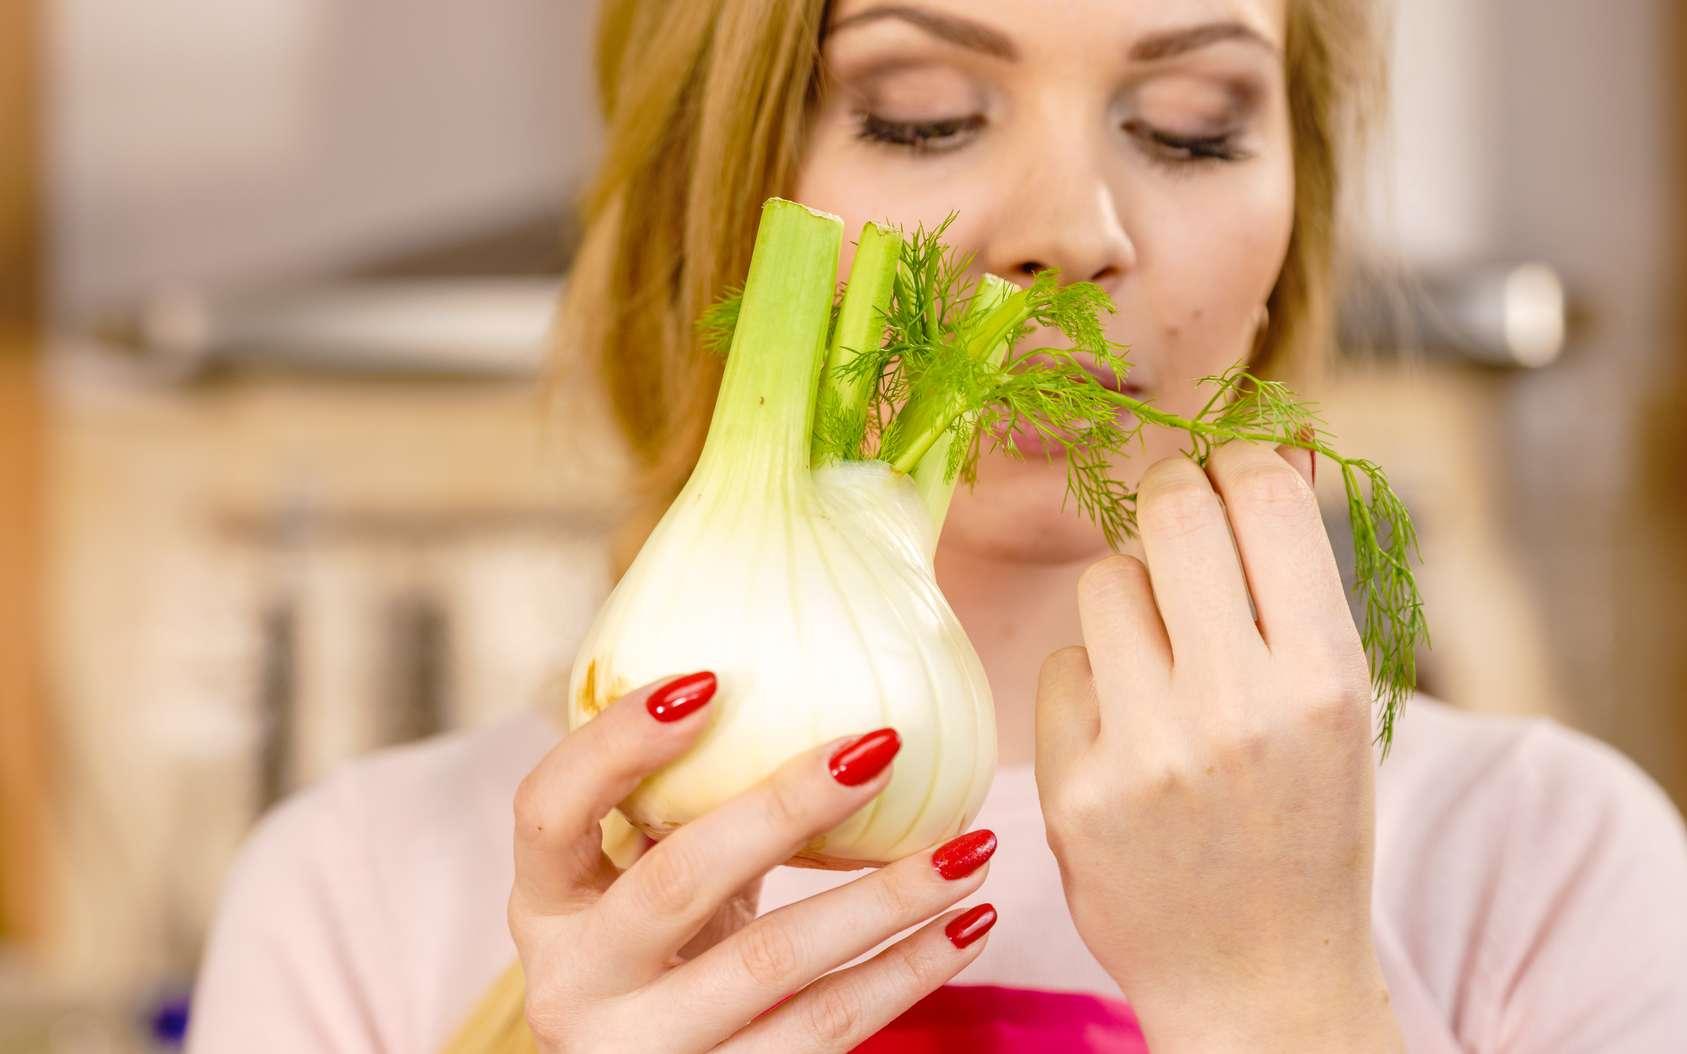 L'anosmie (perte d'odorat) touche 10 à 15 % de la population. © anetlanda, Fotolia